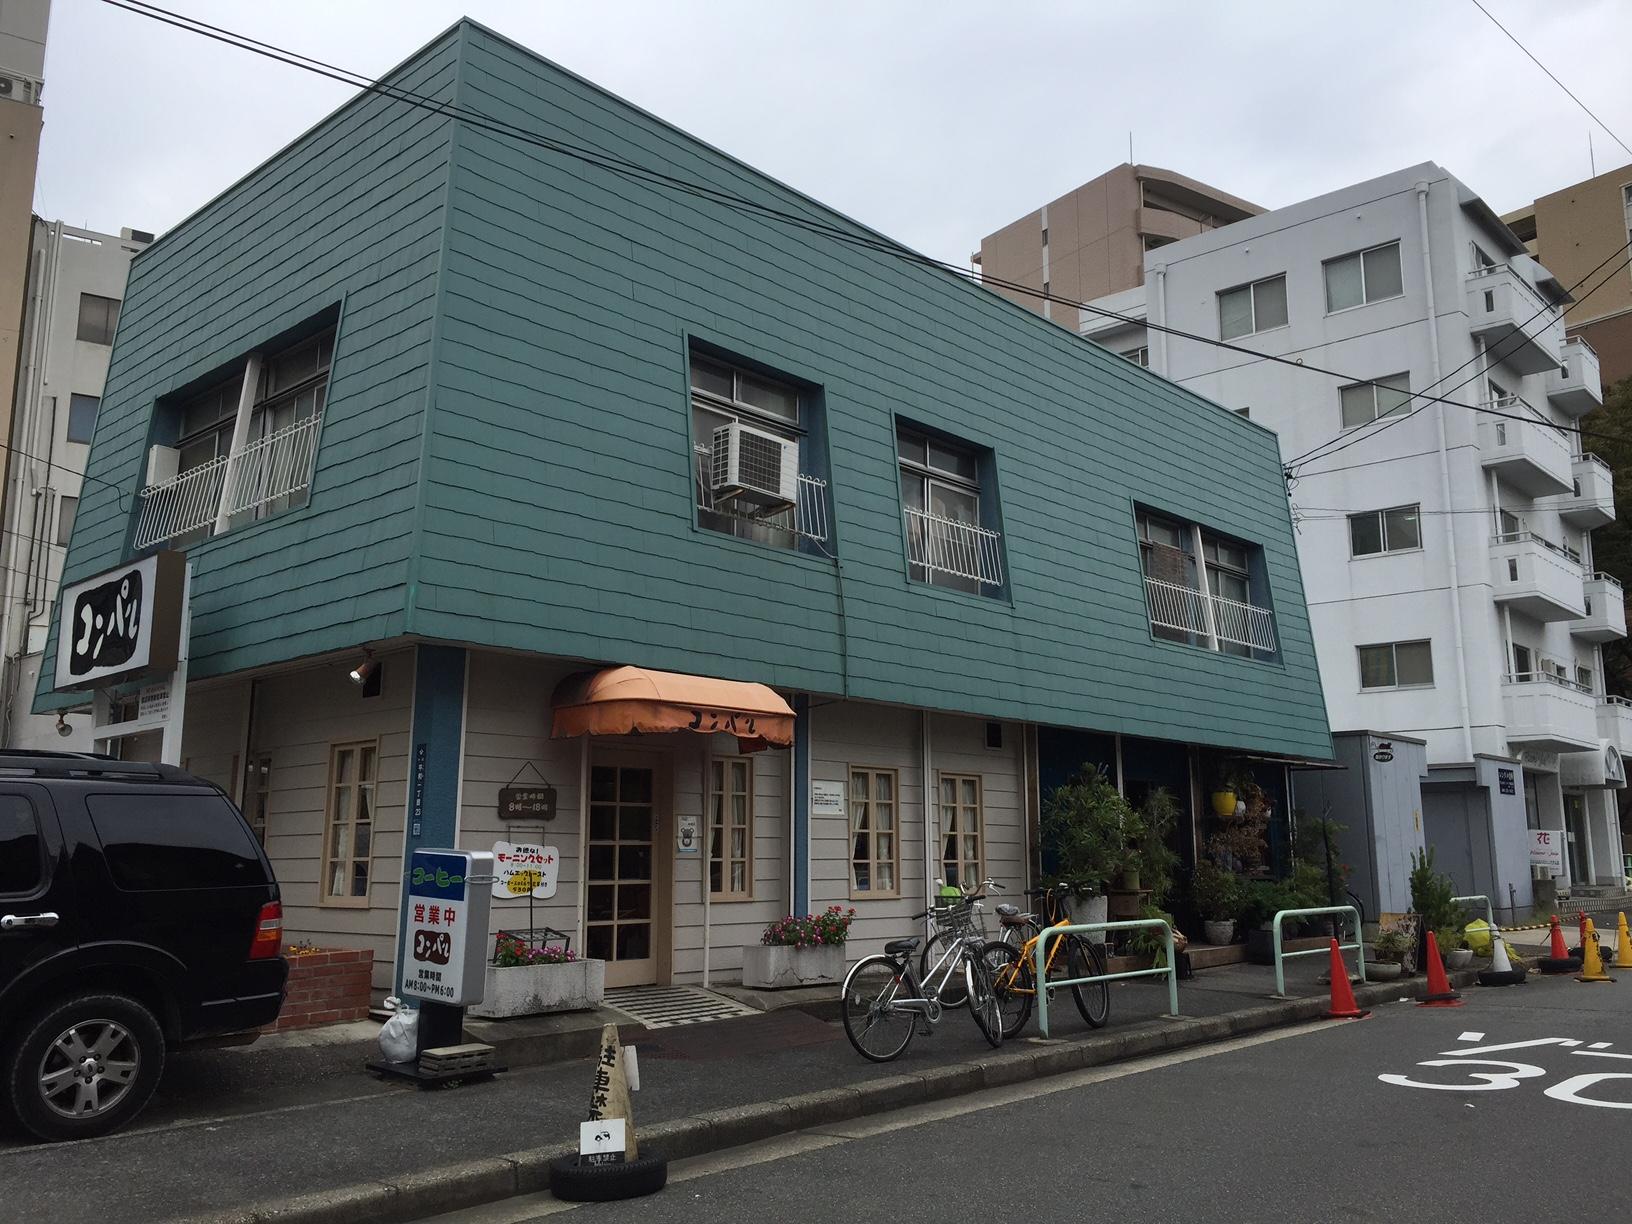 グルメ@名古屋の喫茶のモーニング文化を味わいに行ってみた